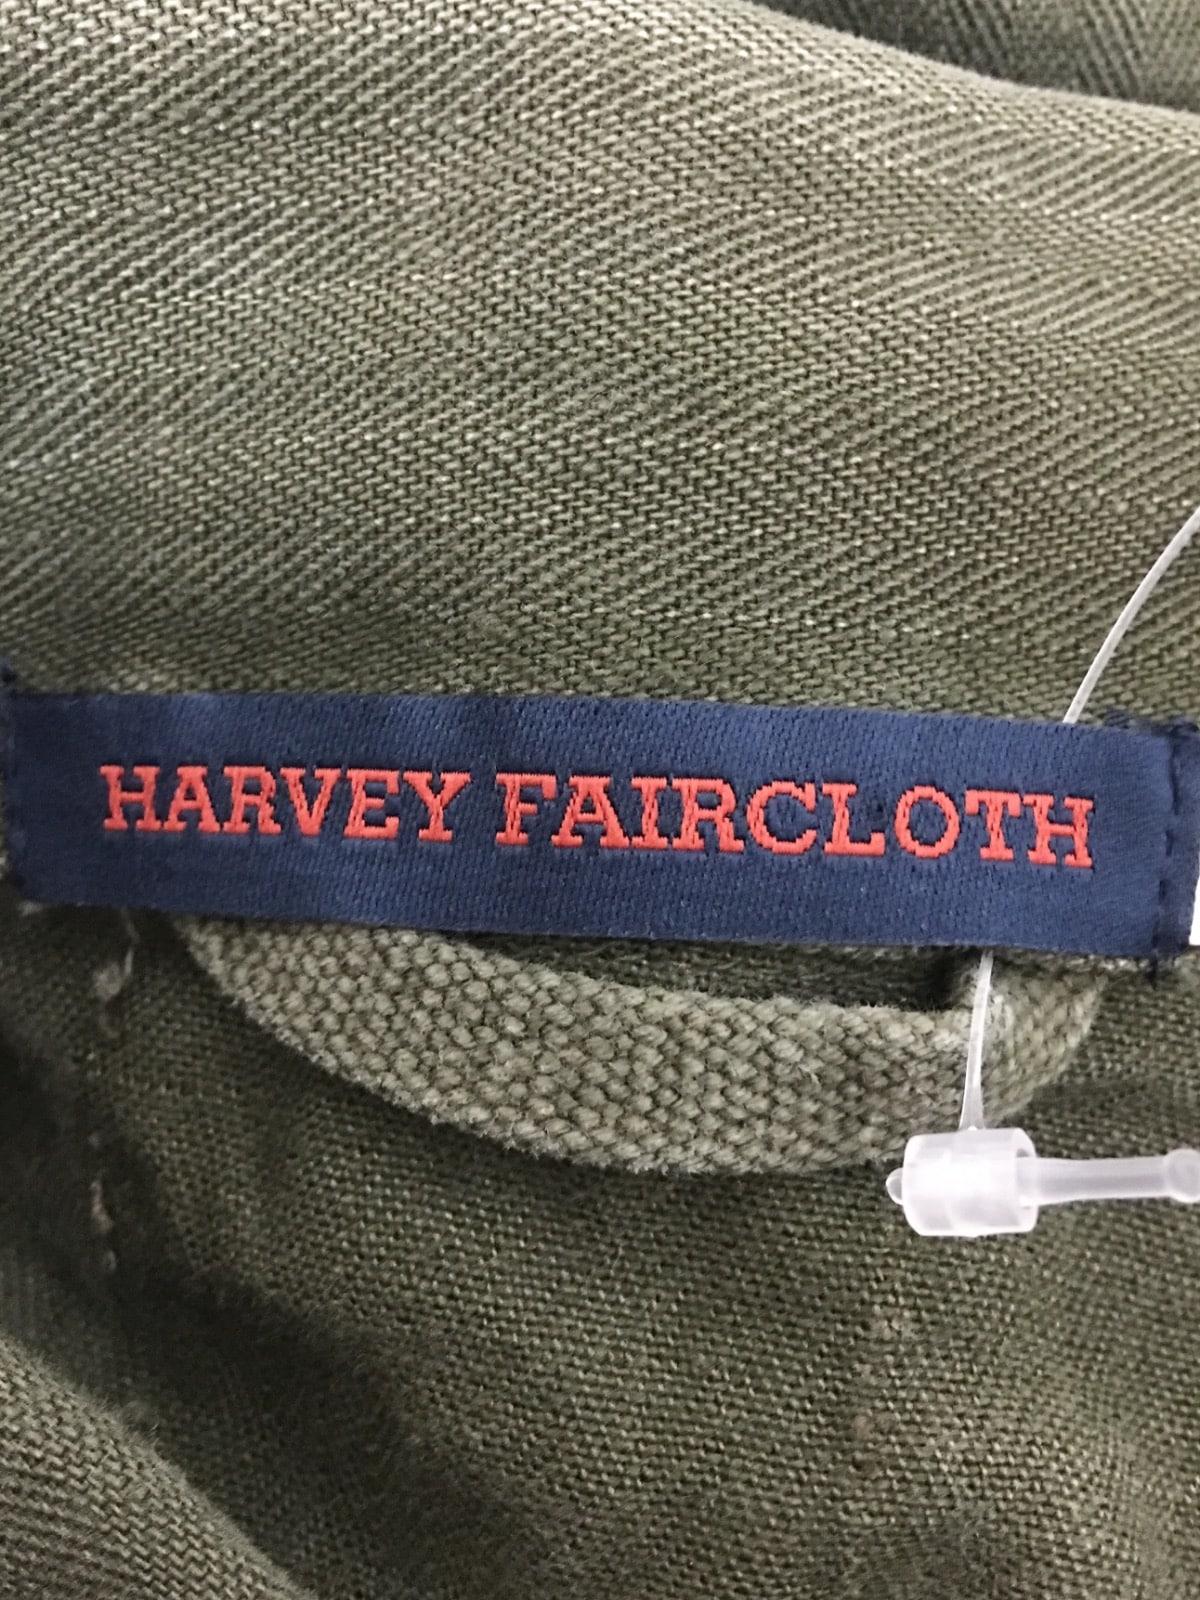 HARVEY FAIRCLOTH(ハーヴェイフェアクロス)のブルゾン